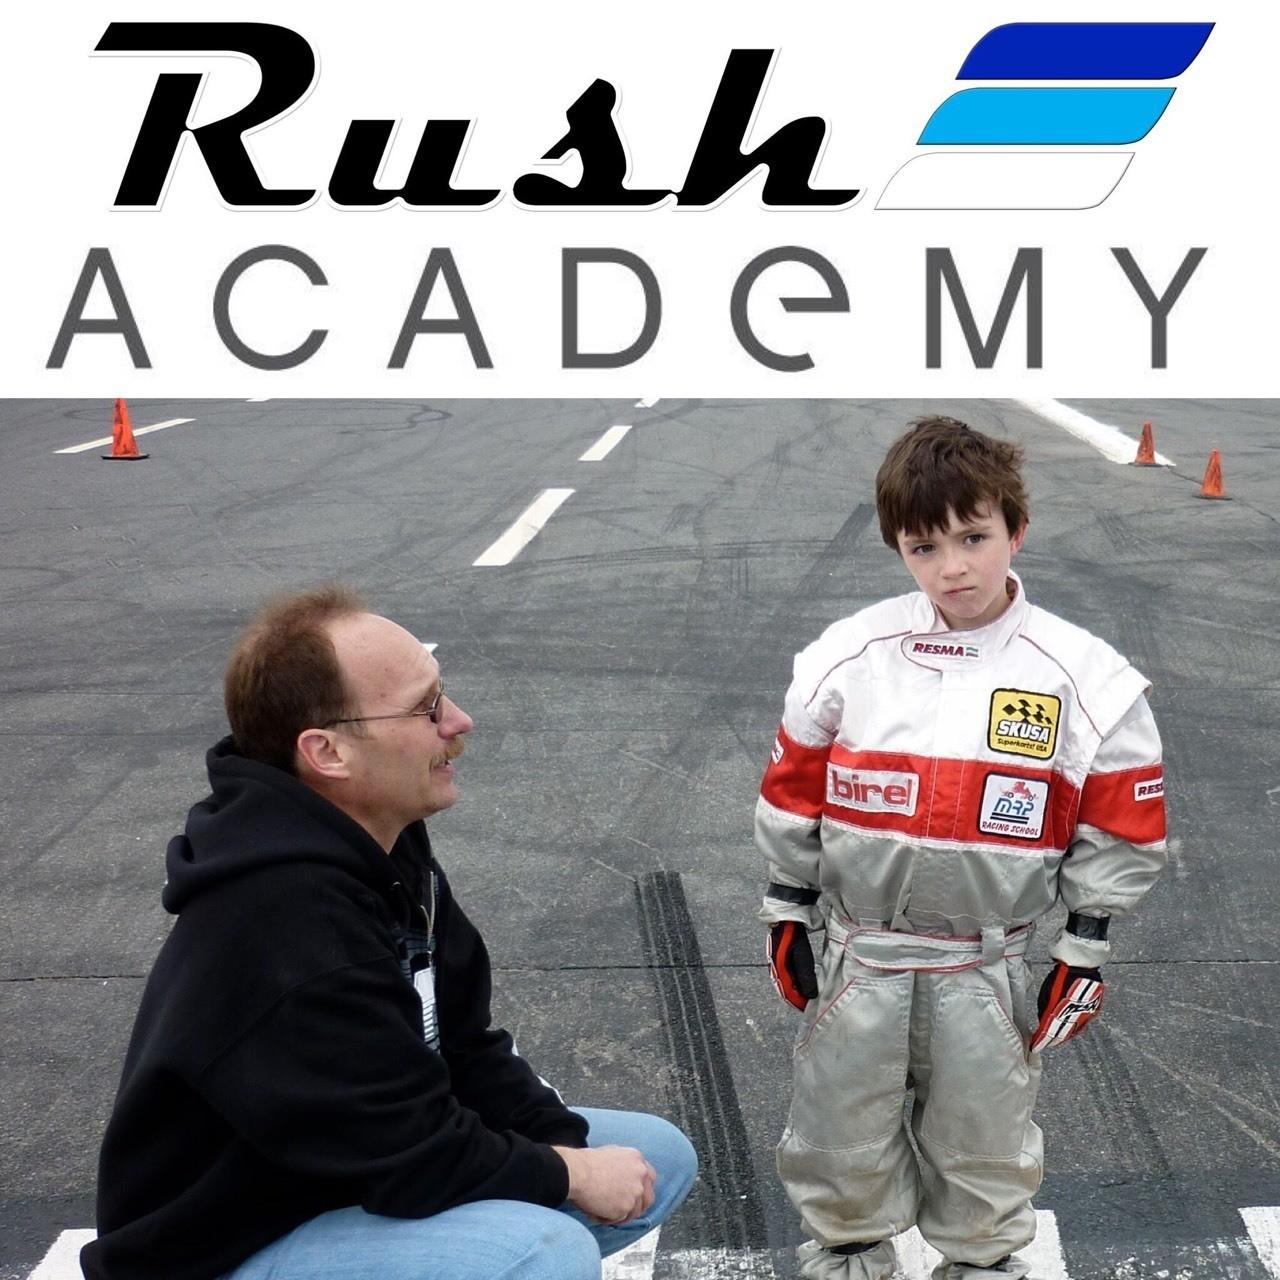 Anno 2010... Questa è la prima gara disputata in Canada del portacolori di Rush Academy Fraser James Murray! Subito a suo agio, anche se abbondante, in veste Birel!!!